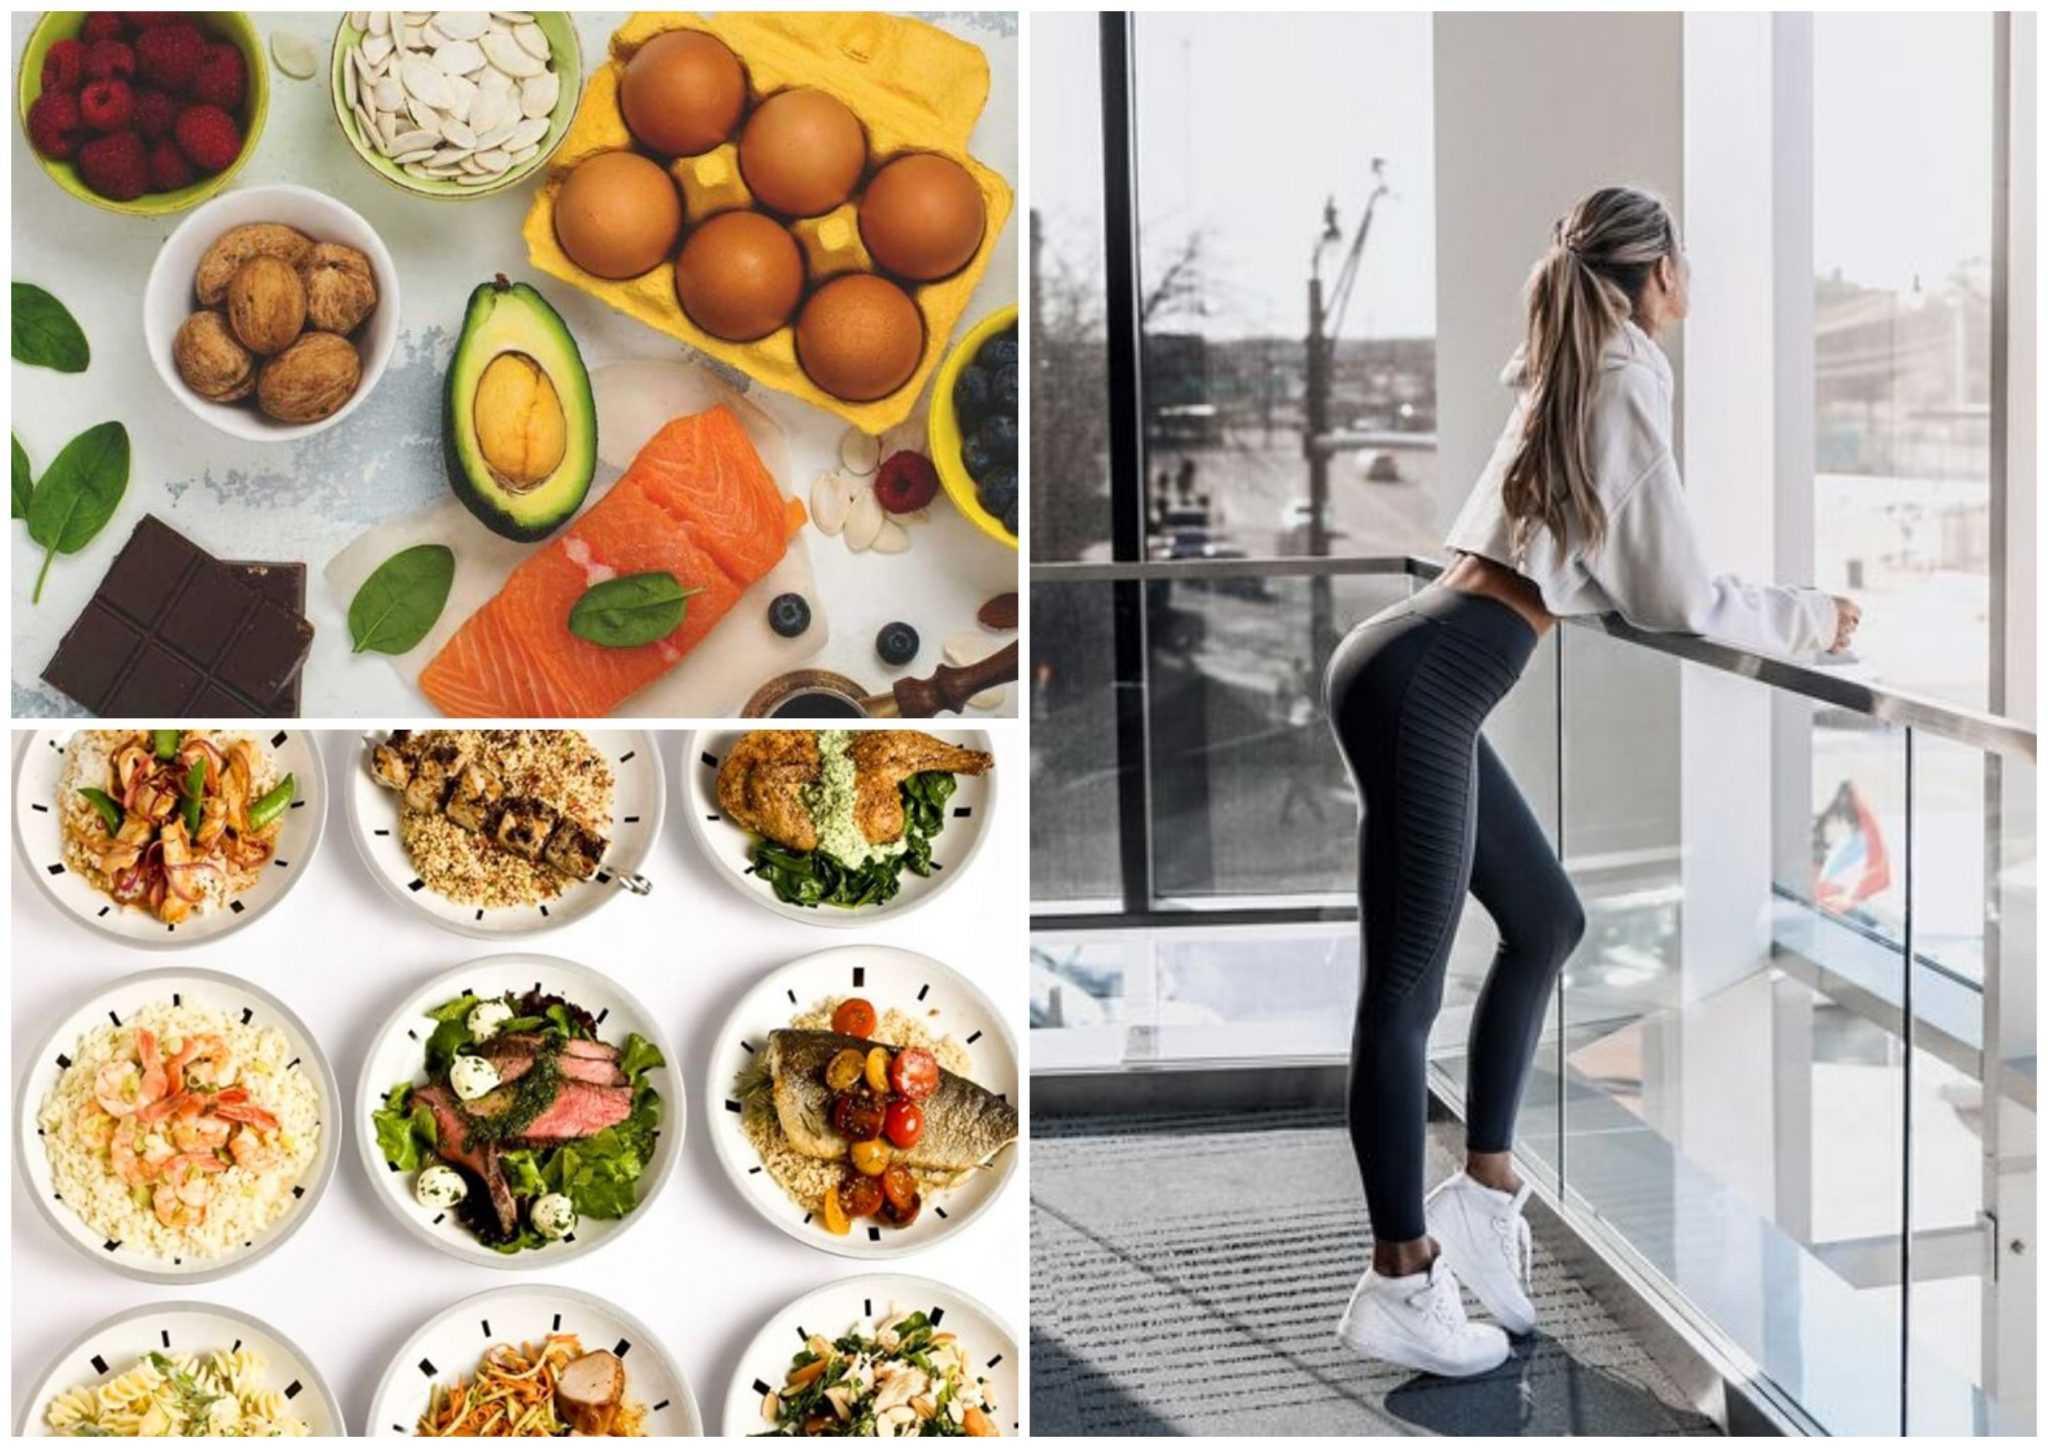 Как быстро похудеть в области живота: что нужно есть и как сбросить вес